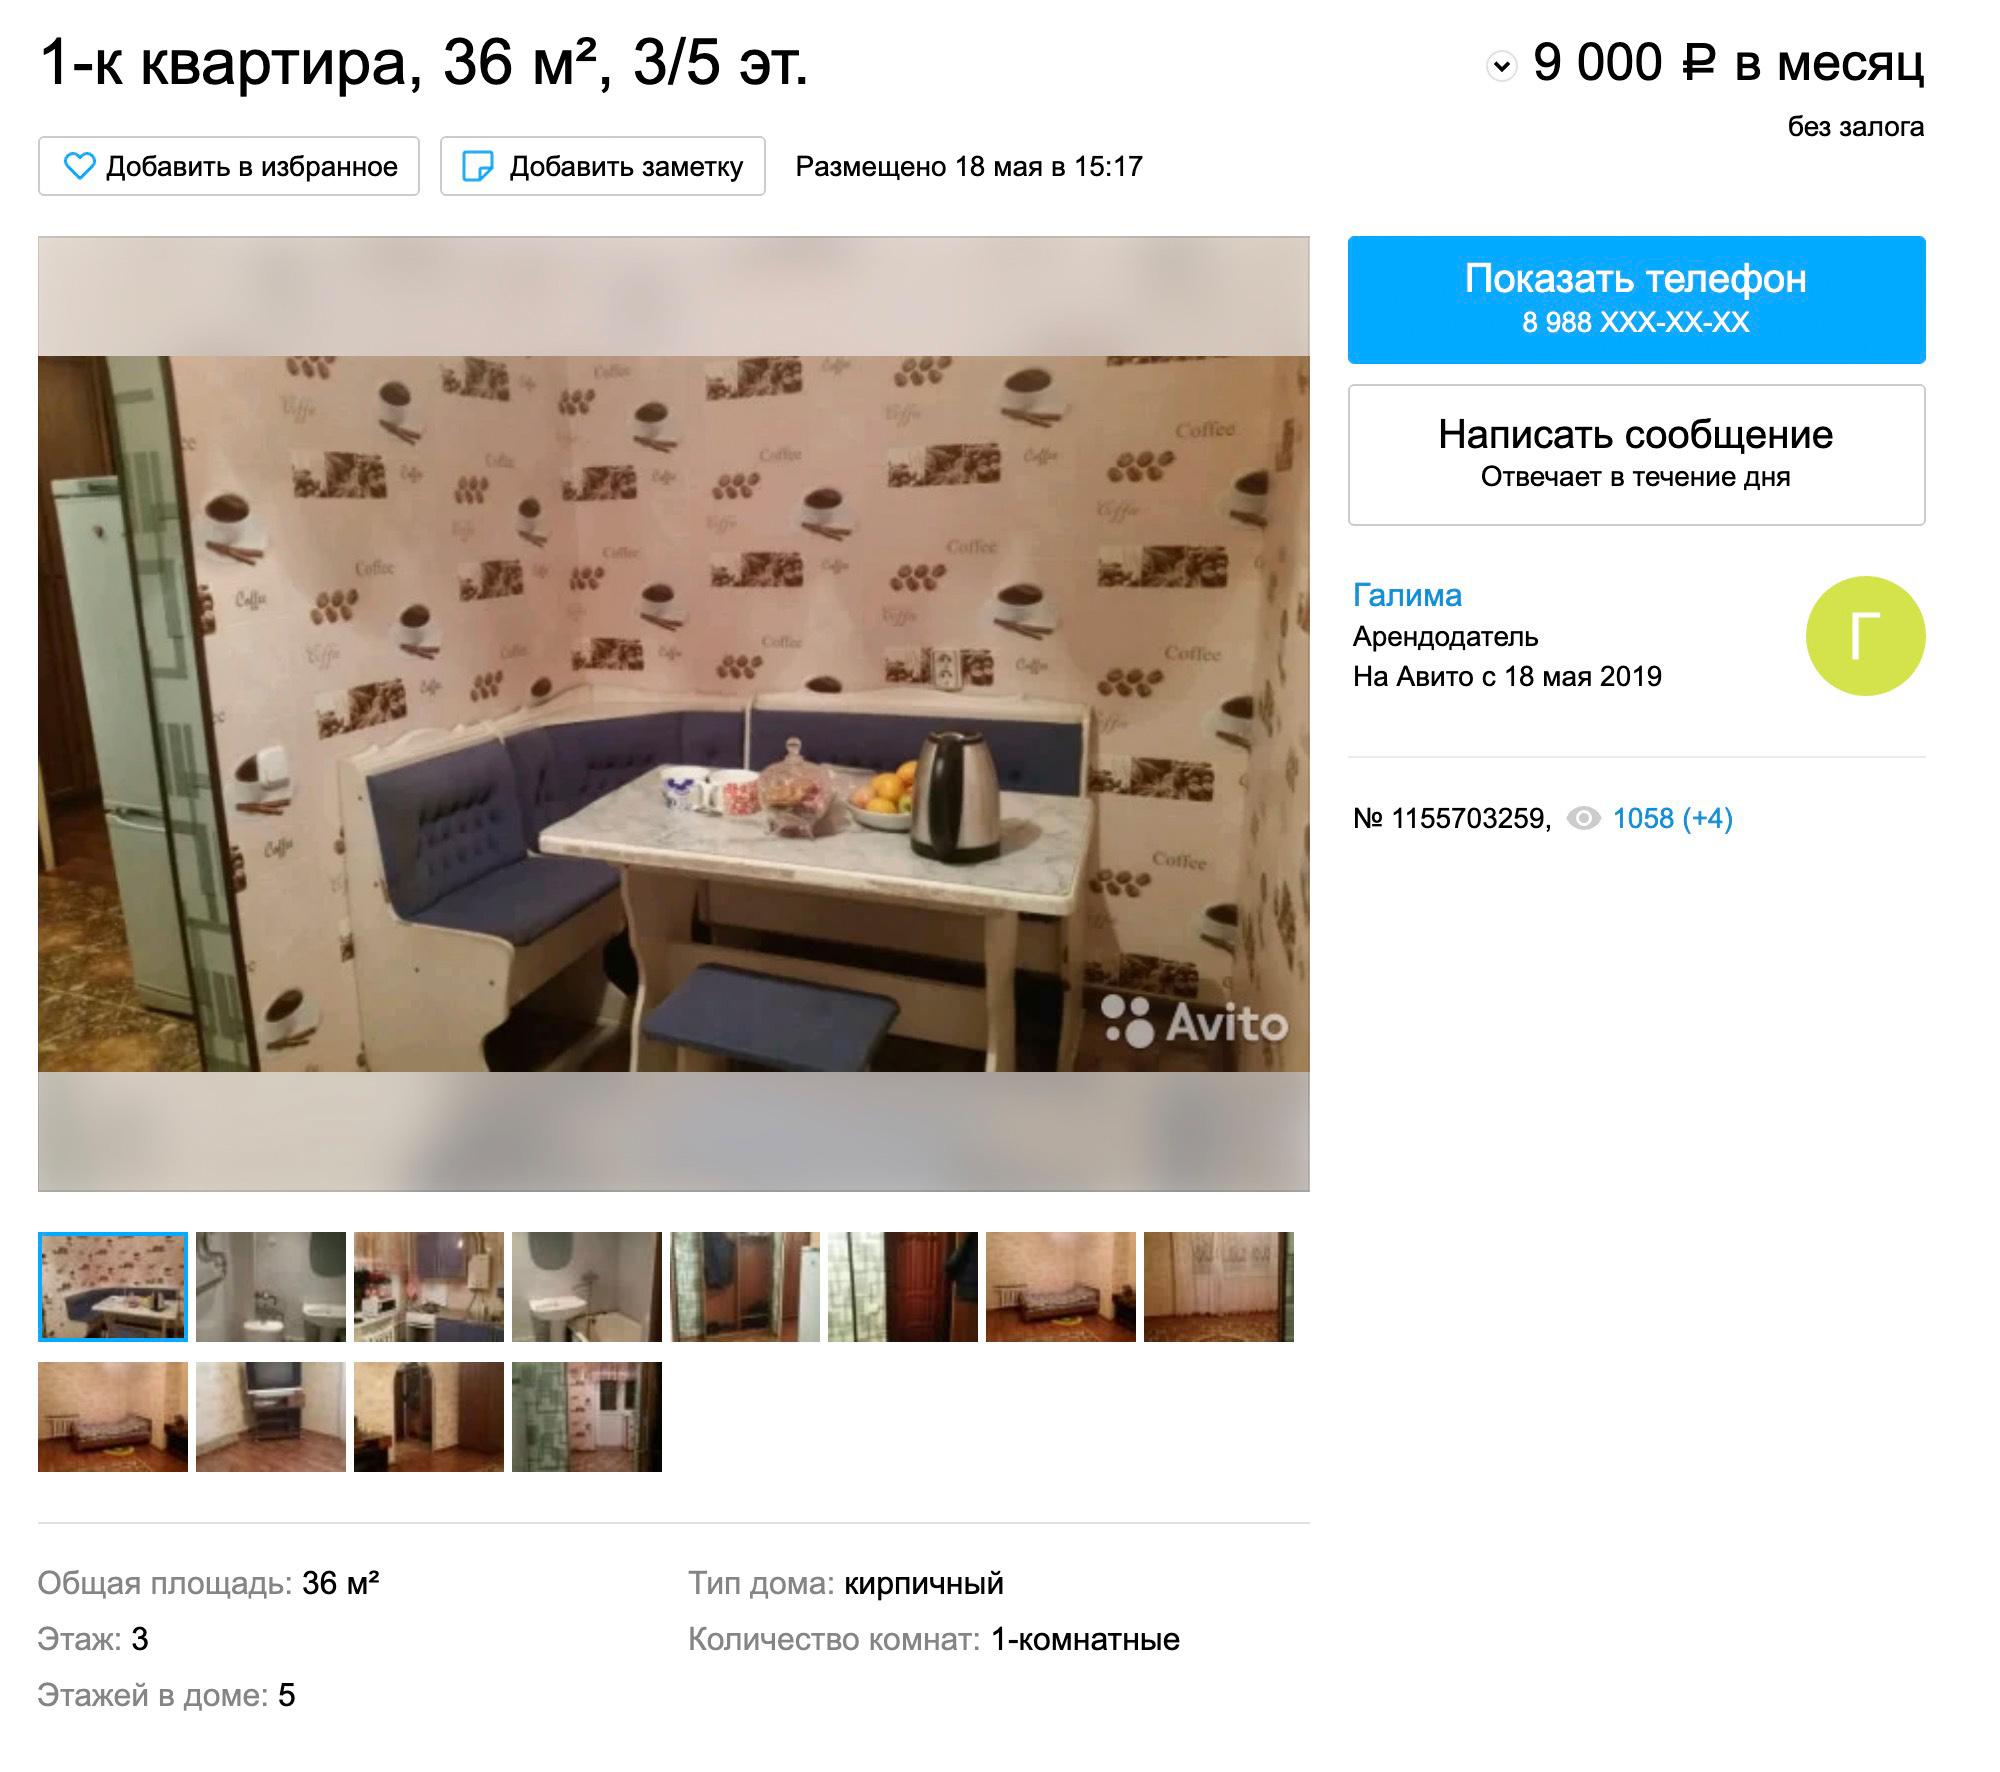 Аренда однокомнатной квартиры в центре города стоит 9000 р. в месяц